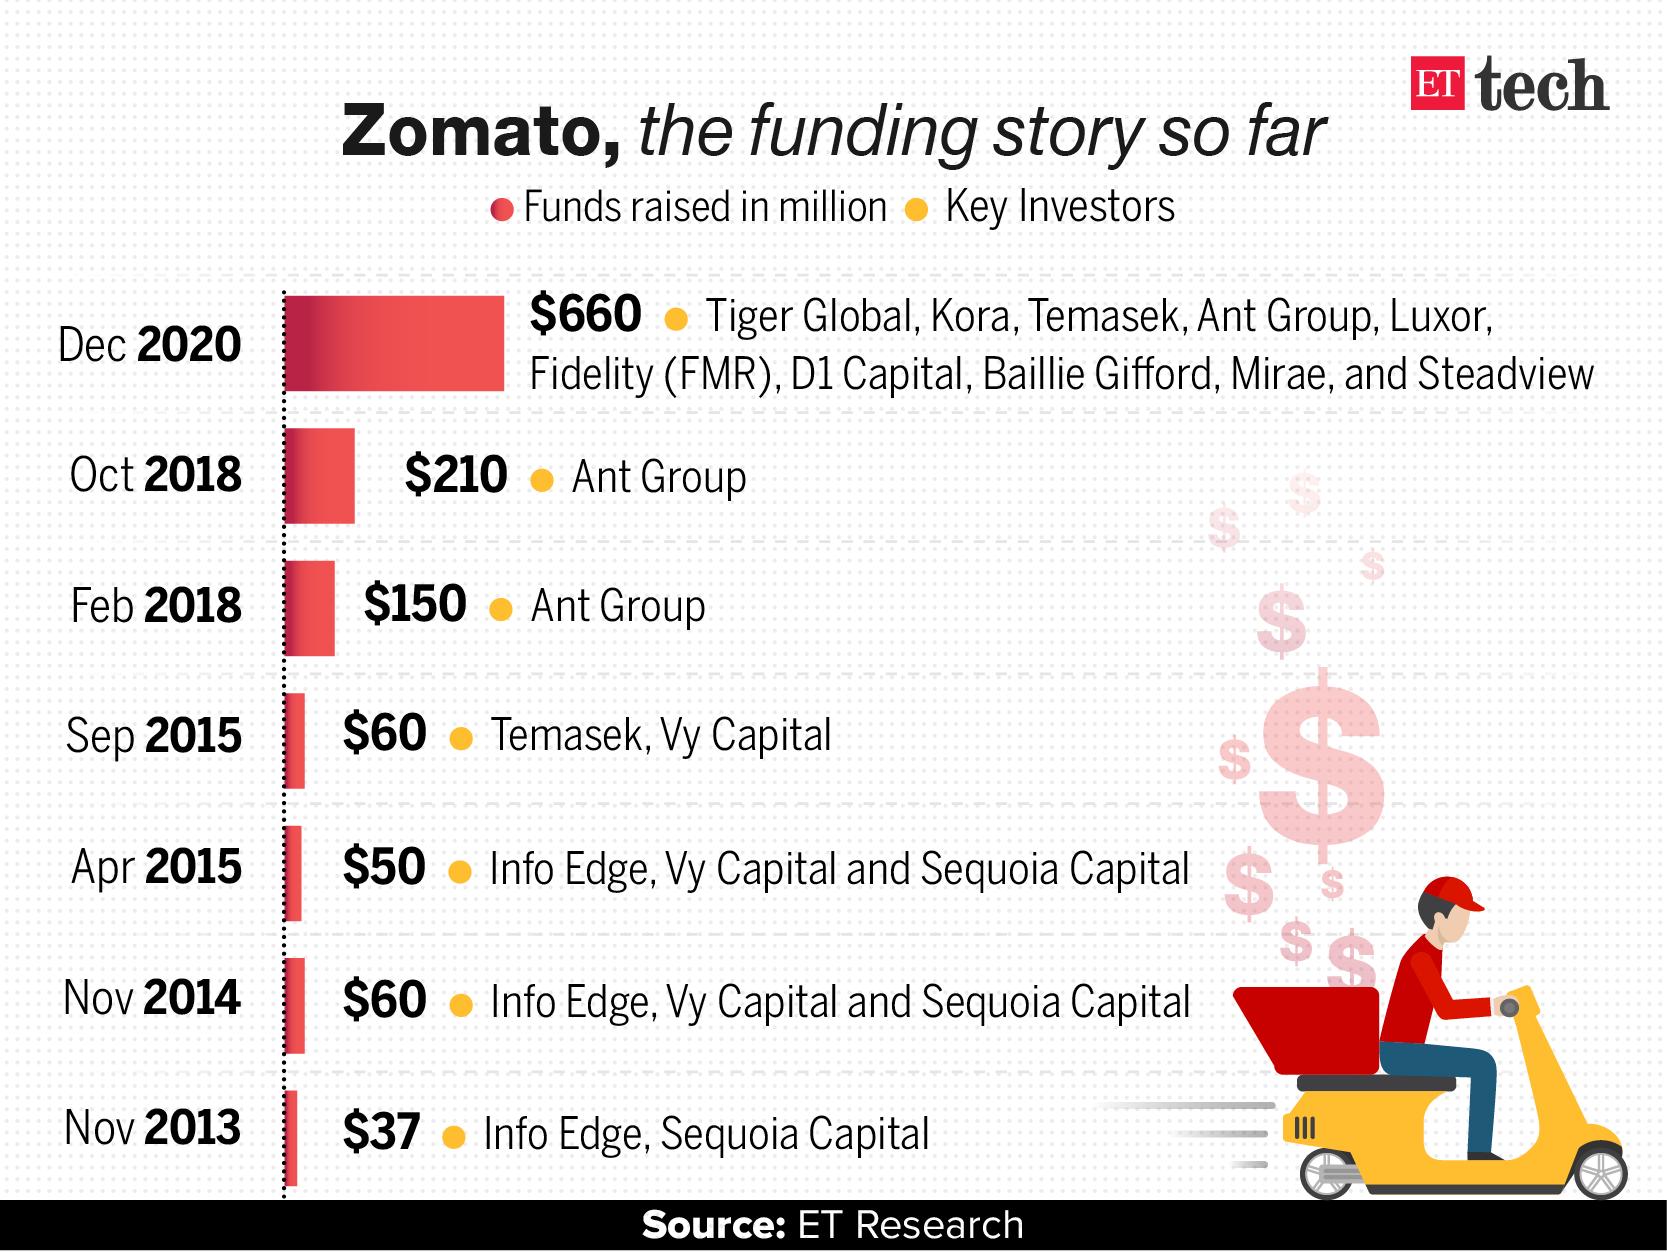 zomato IPO: Zomato set to close $500 million pre-IPO funding round, Retail News, ET Retail